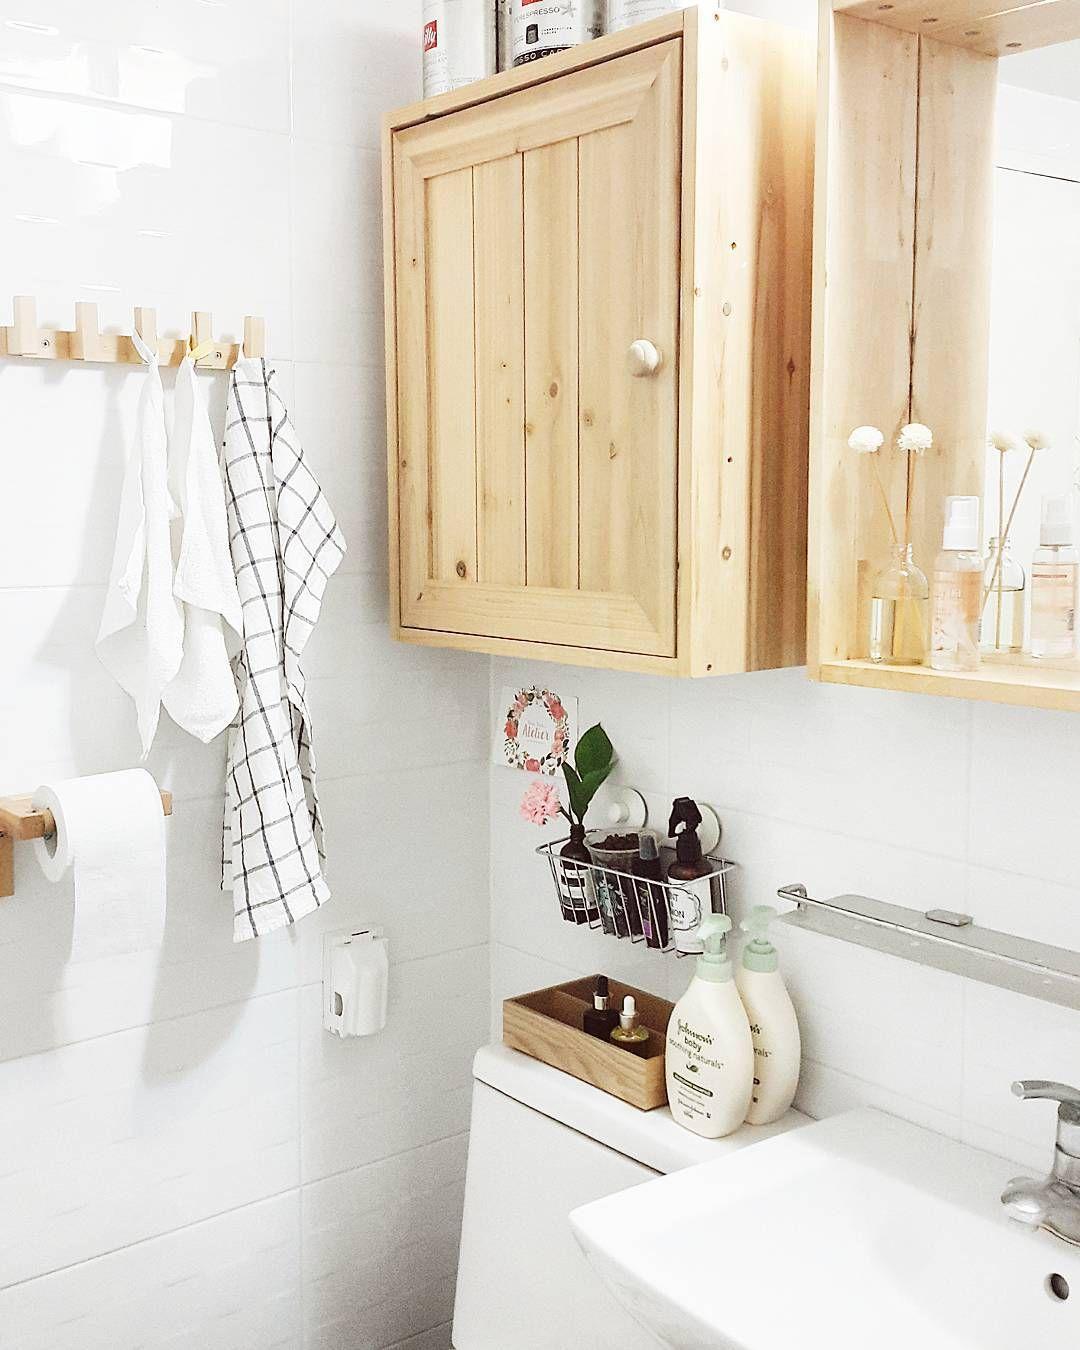 욕실 정리좀 . . #우리집 #우리집화장실 #화장실인테리어 #욕실인테리어 #이케아 #우드우드 #이케아패브릭 #interior #bathroominterior #bathroom #bathdecor #bathdesign #homeinterior by reun_reun